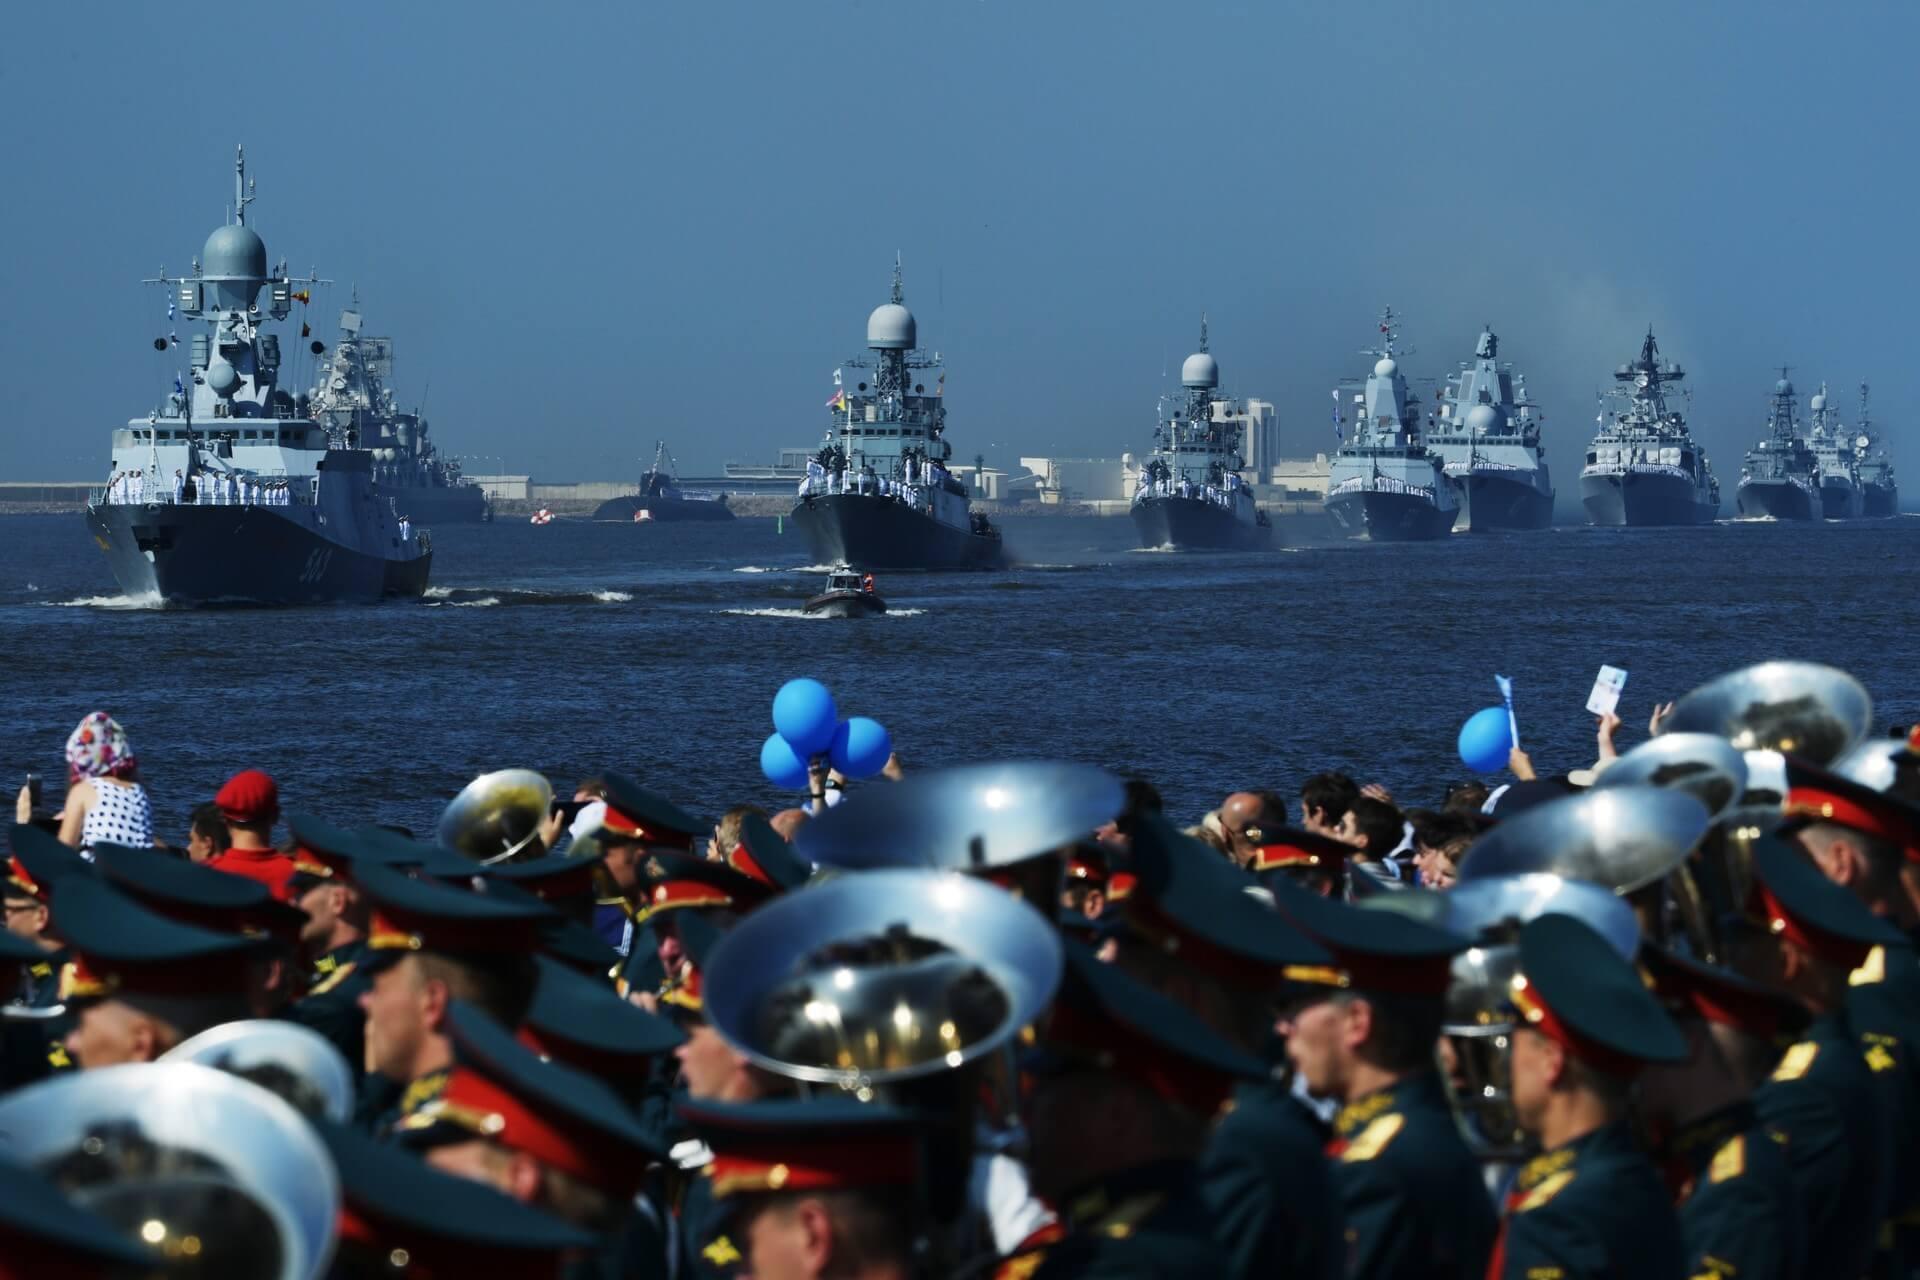 картинки военно-морского парада специальным